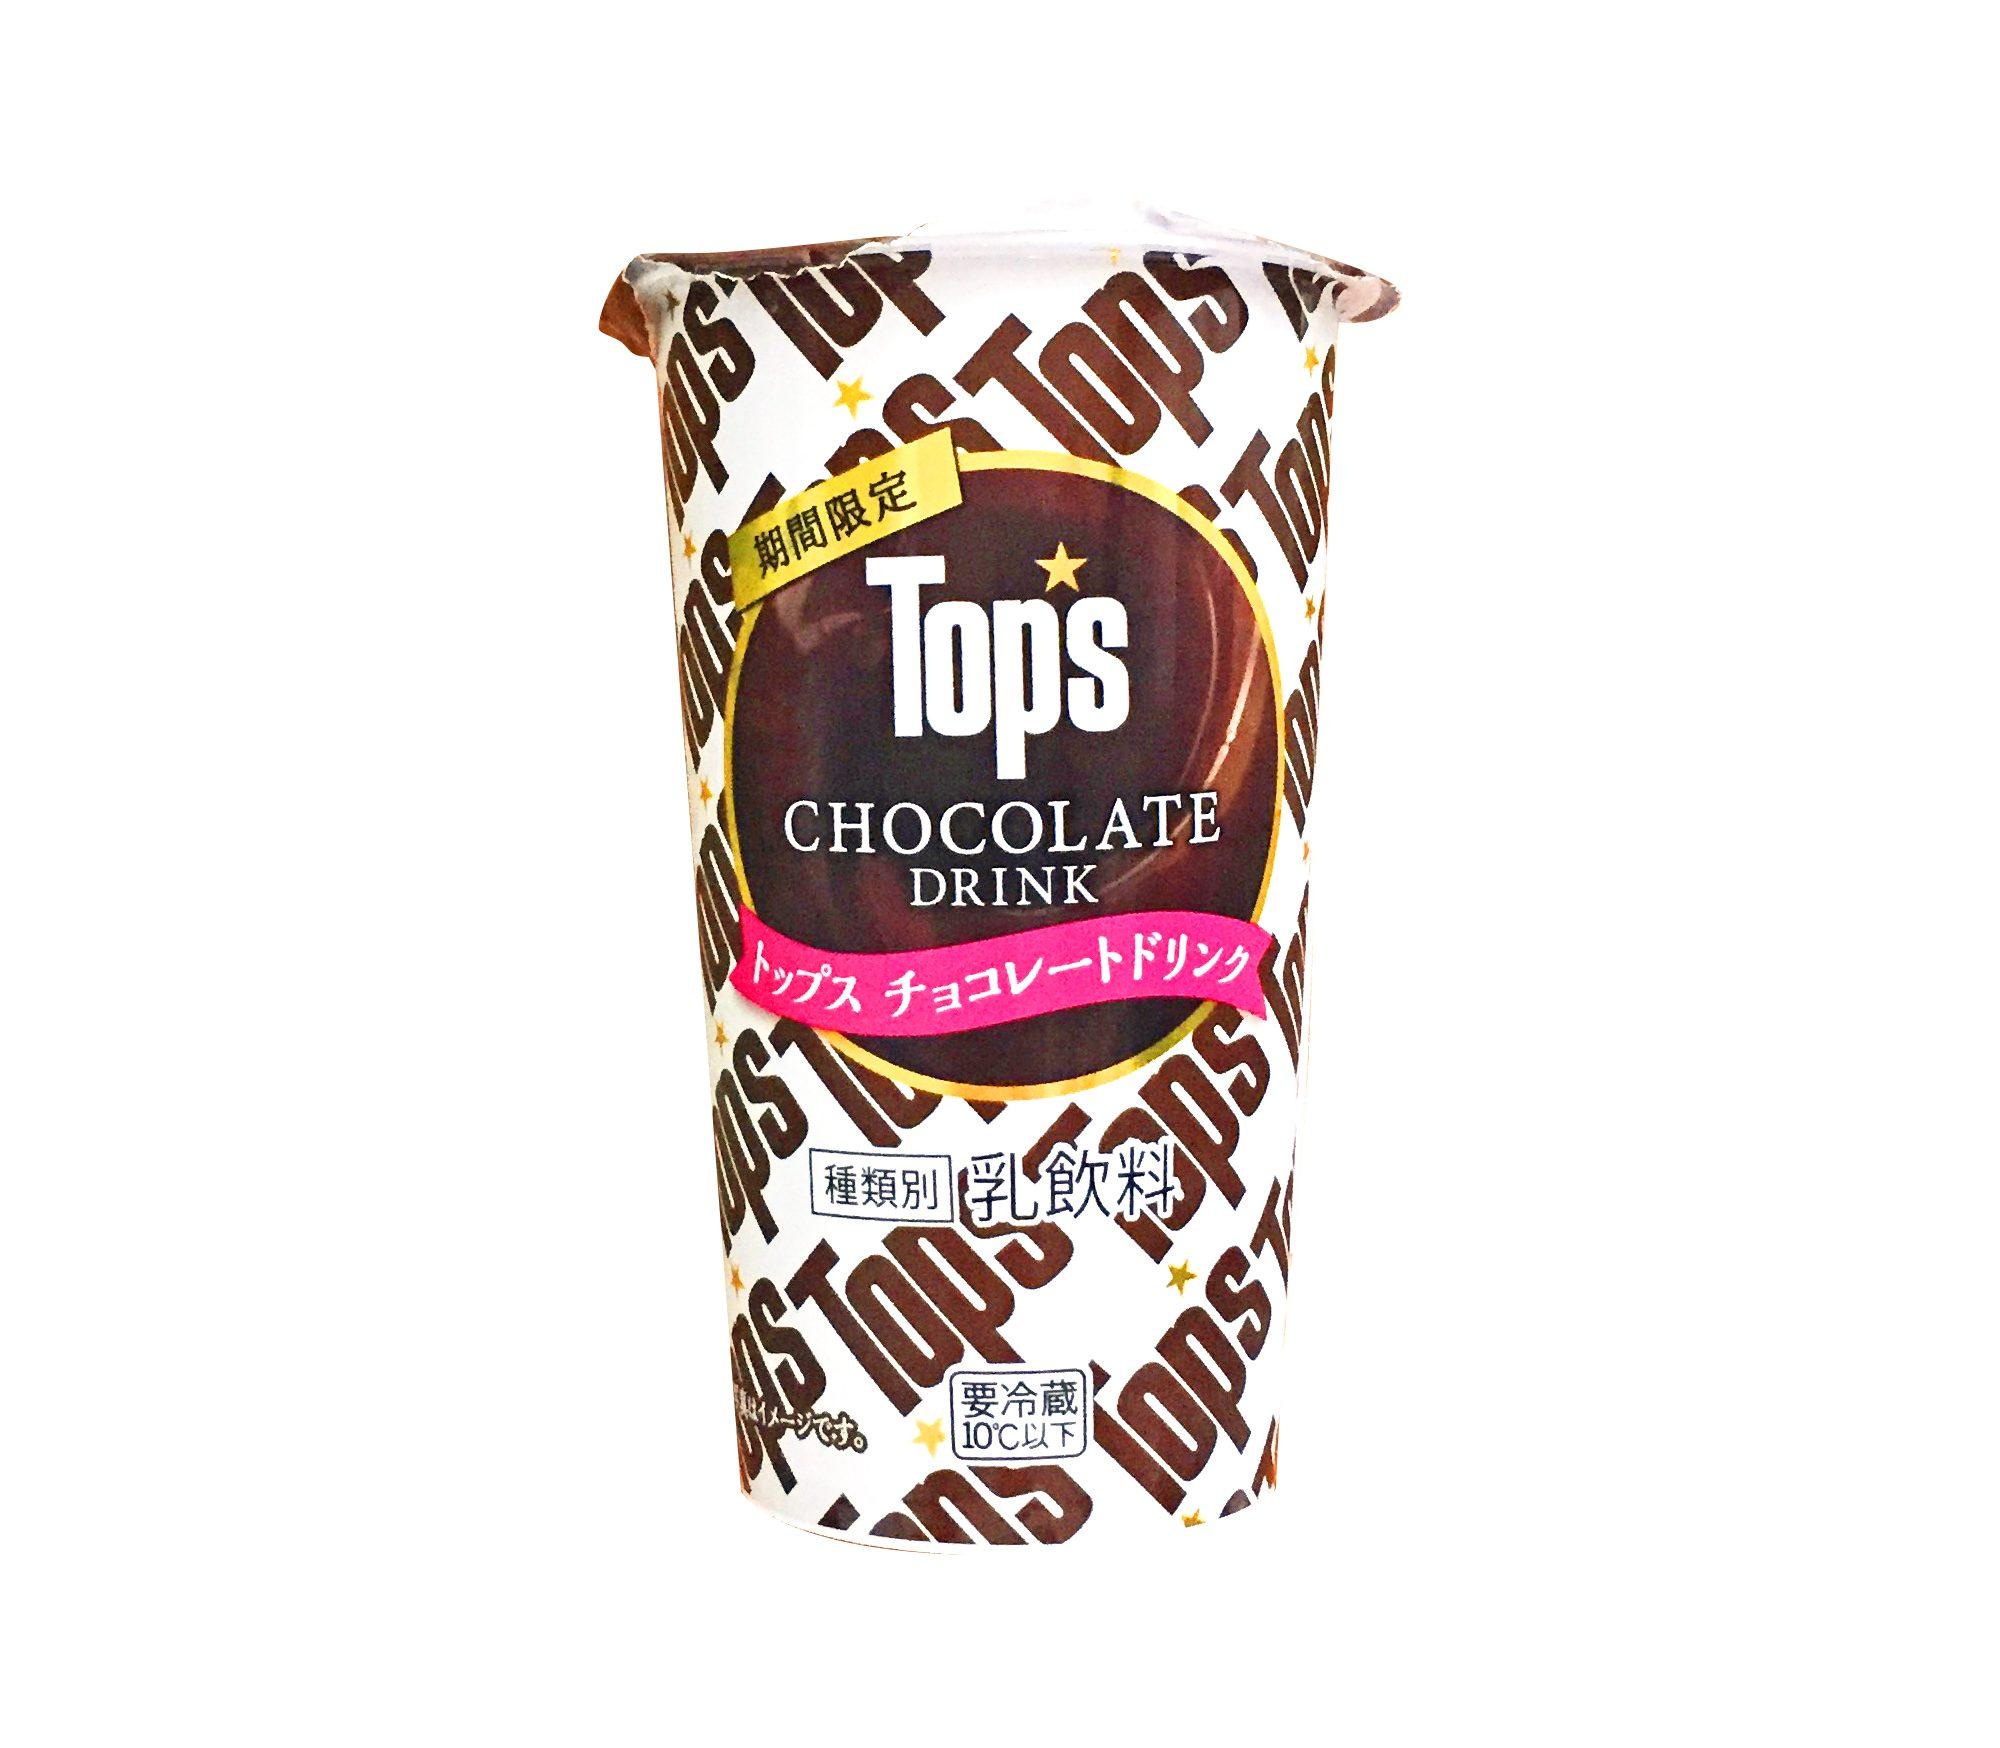 北海道乳業『トップス チョコレートドリンク』はカカオの風味が豊かな再現度◎の濃密チョコレートドリンク!